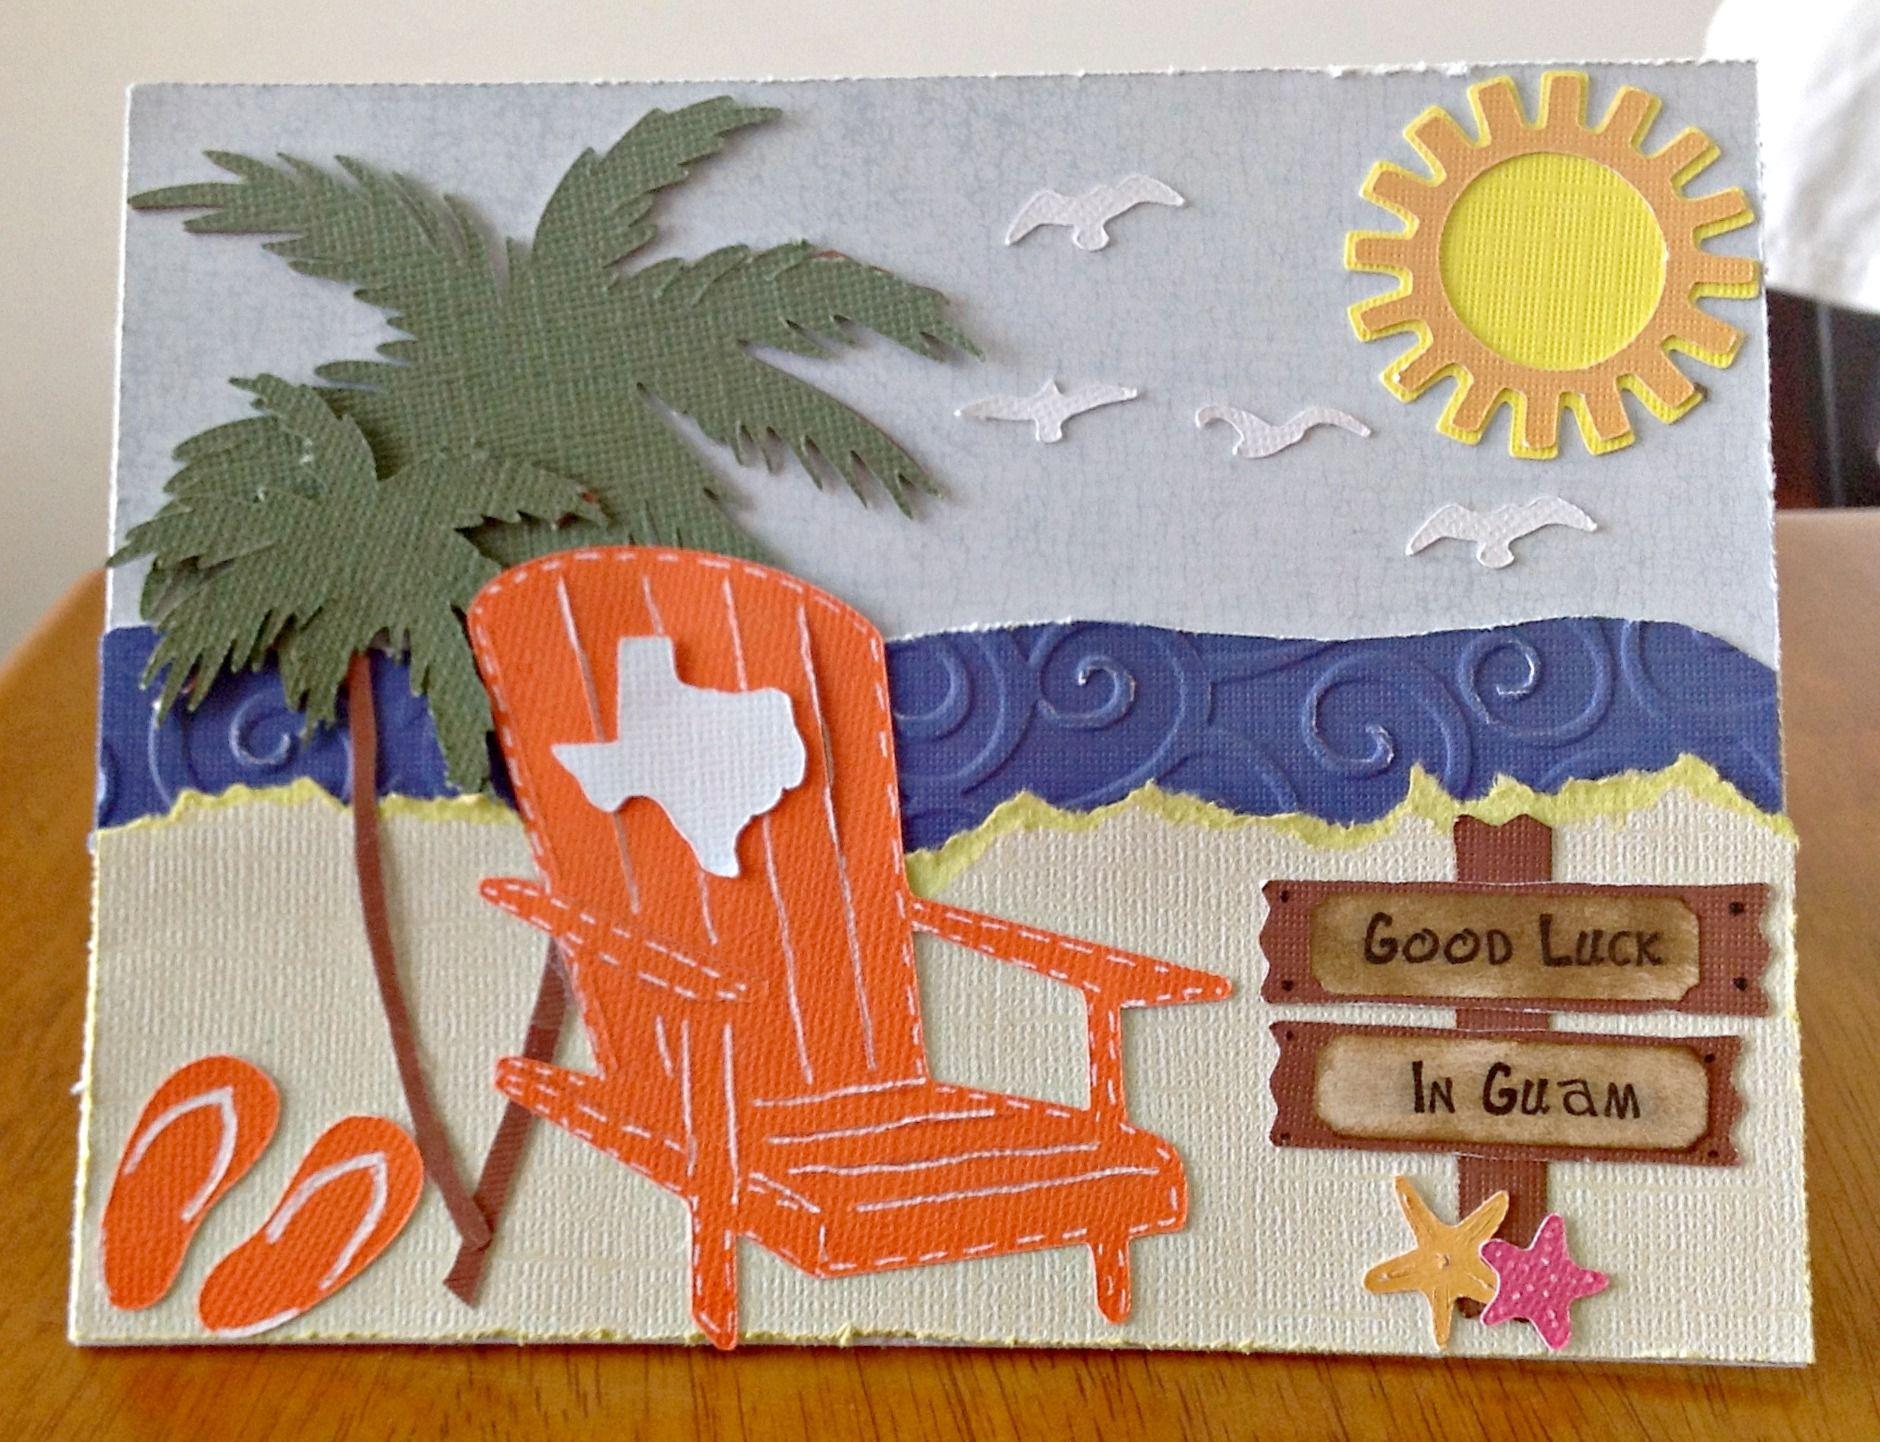 How to scrapbook good - Good Luck In Guam Scrapbook Com